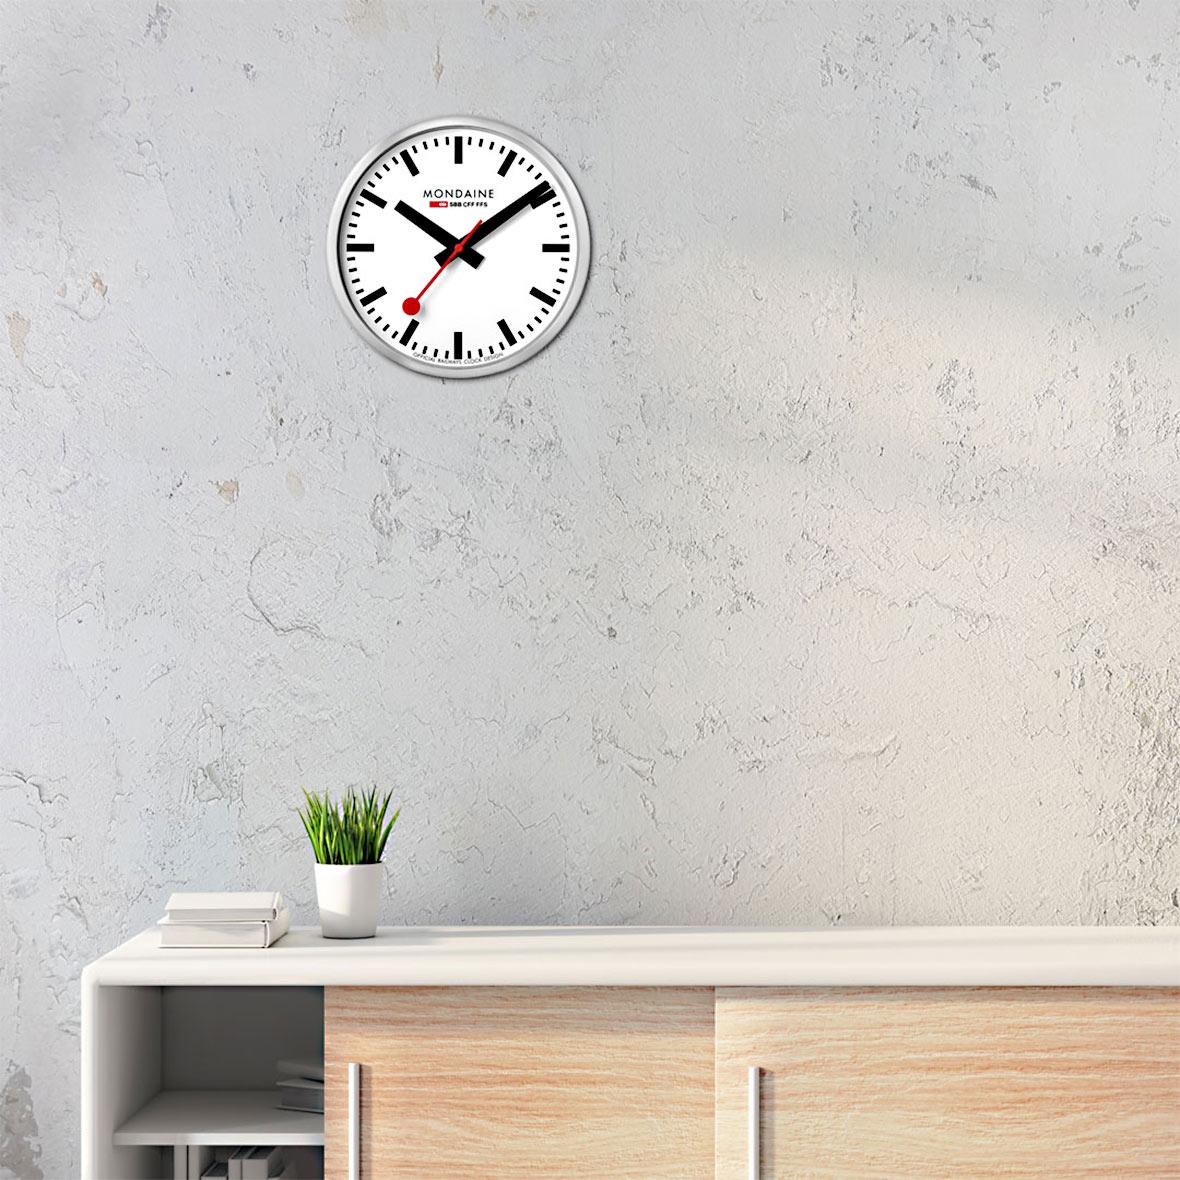 Offizielle SBB Wanduhr - Quarzuhrwerk - Stunden-/Minuten-/Sekundenanzeige